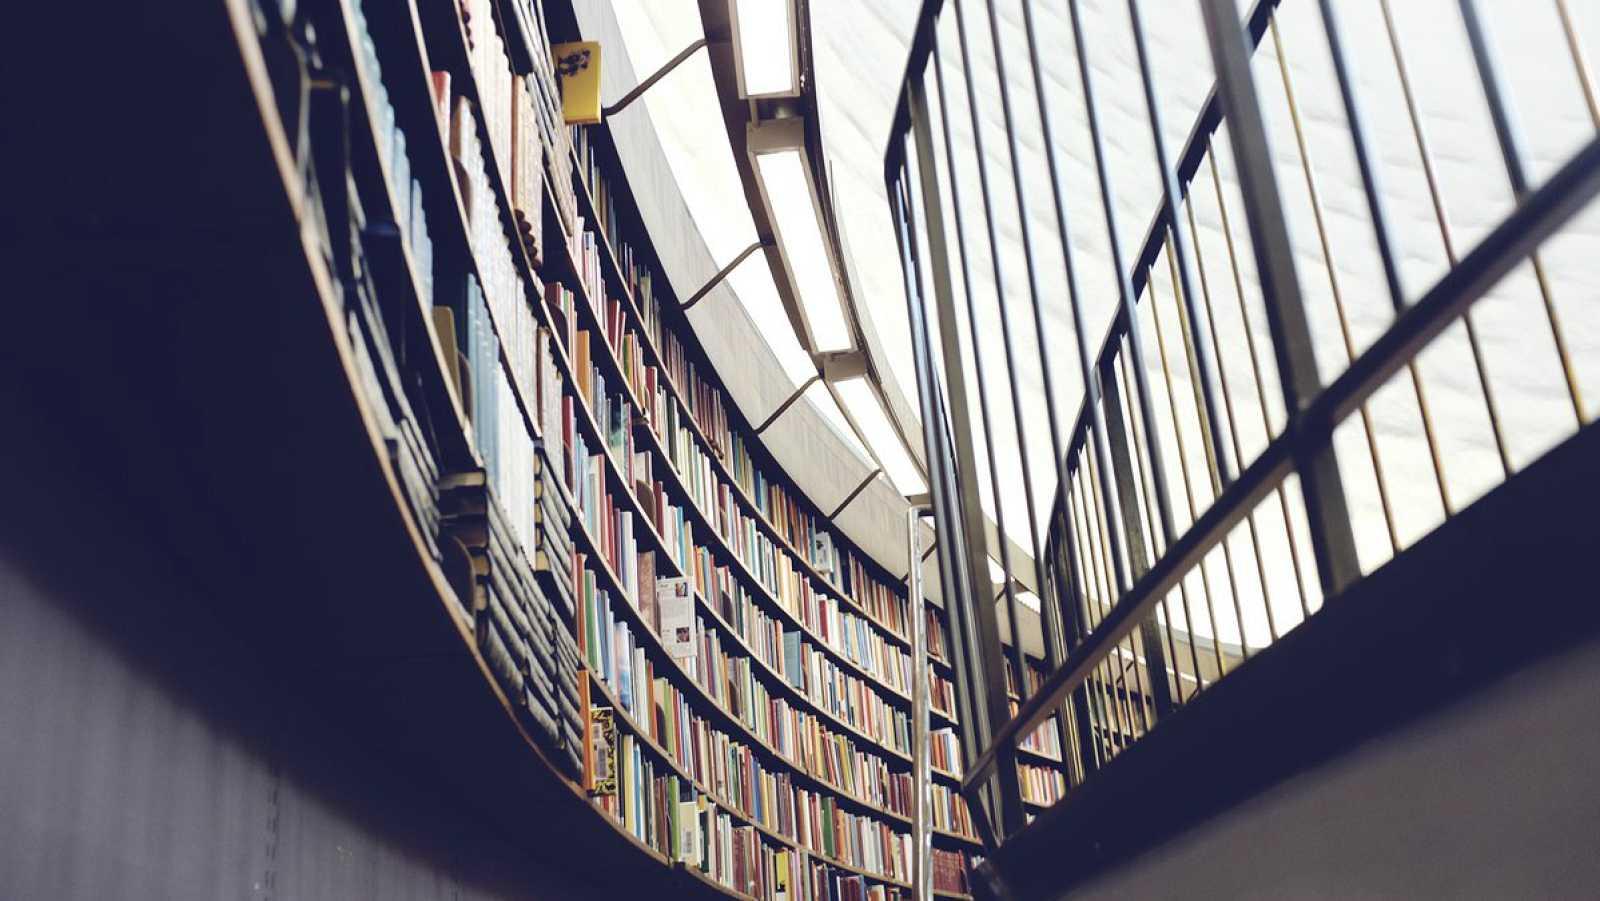 Temas de música - Música medieval en las bibliotecas de hoy. Bibliotecas de Oxford y Cambridge - 14/05/17 - escuchar ahora